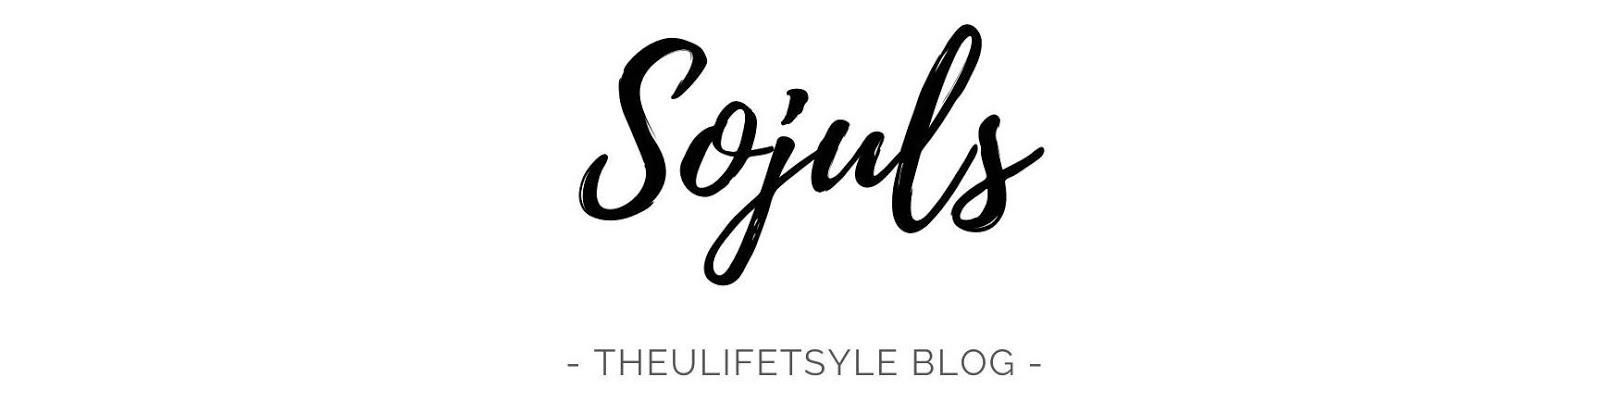 THEULIFESTYLE | Sojuls Blog